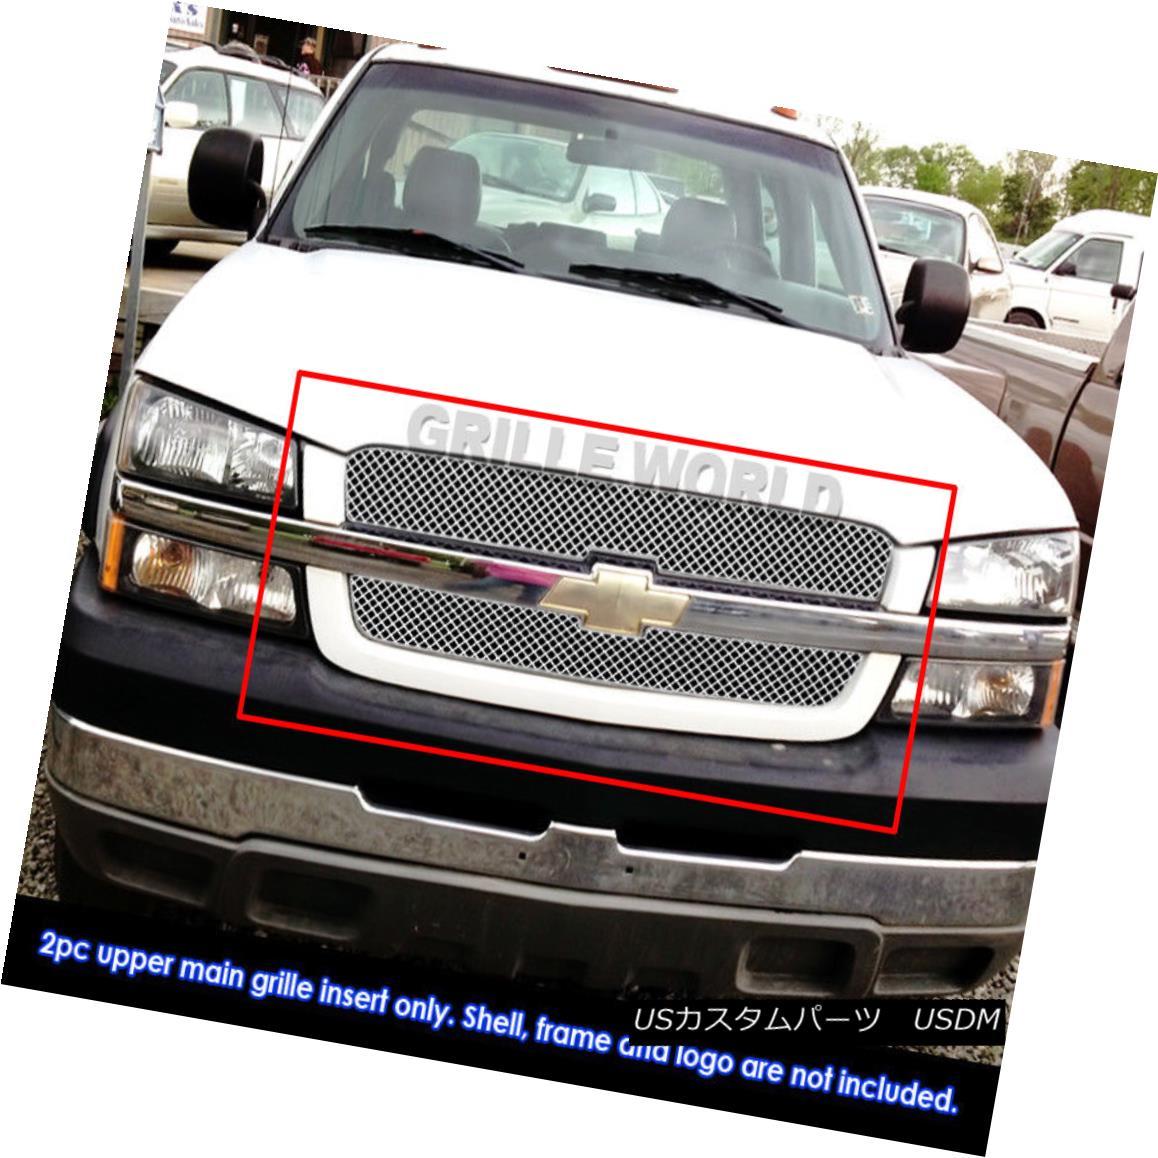 グリル 03-05 Chevy Silverado 1500/2500 /02-06 Avalanche X Mesh Grille Grill Insert 03-05 Chevy Silverado 1500/2500/02-06アバランチェXメッシュグリルグリルインサート